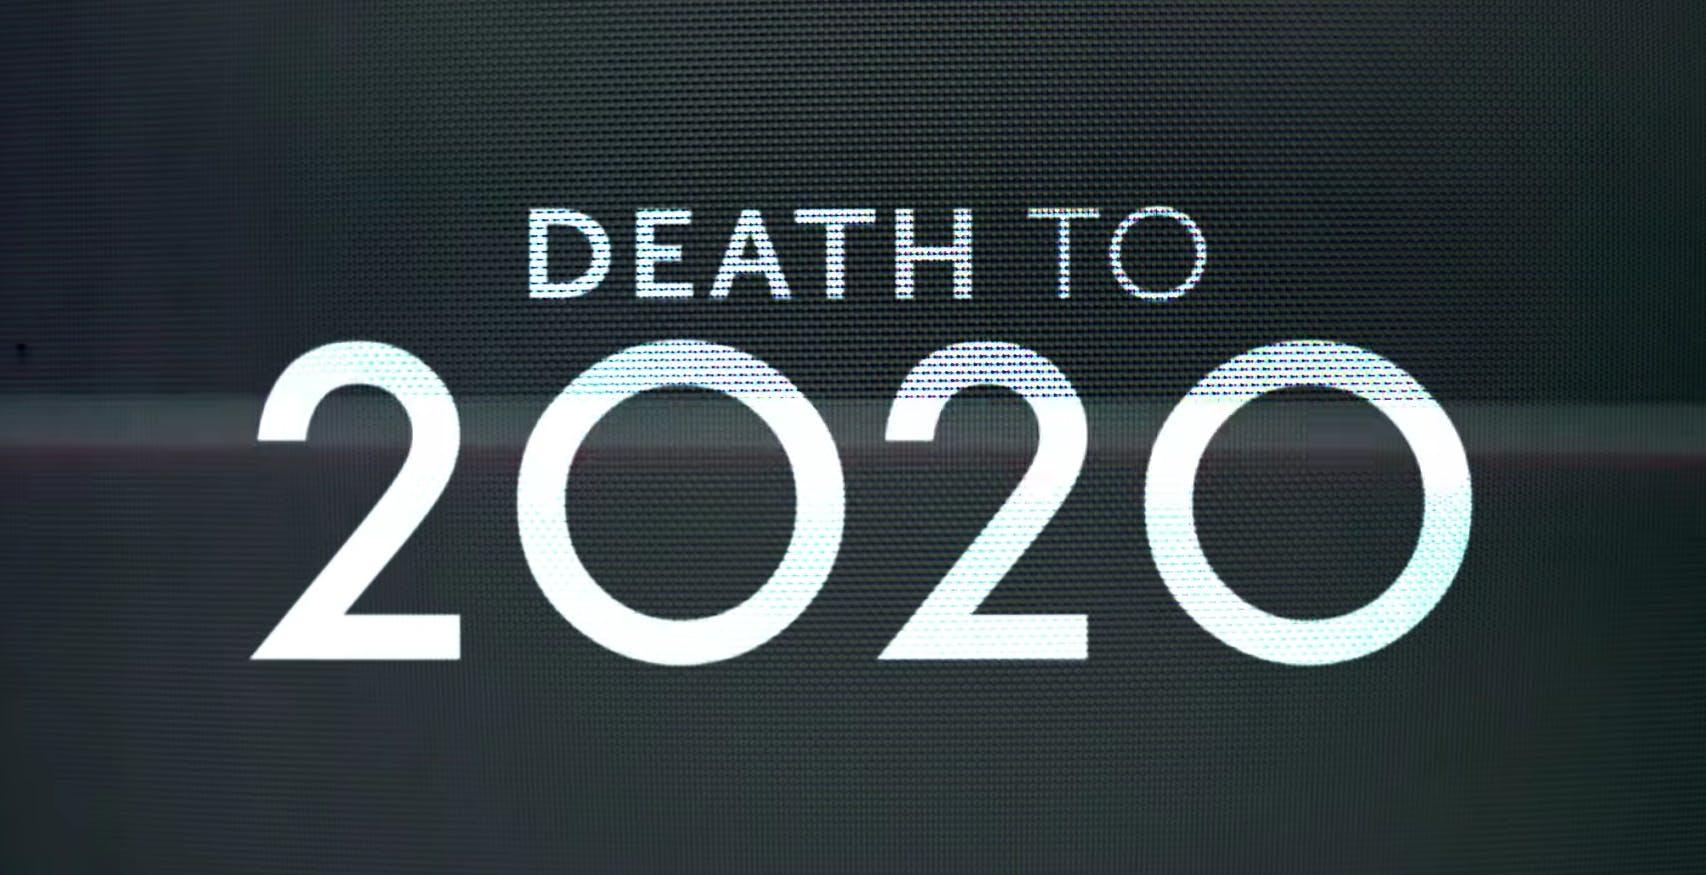 Death to 2020, il trailer dell'ironico documentario che saluta il 2020 dai creatori di Black Mirror